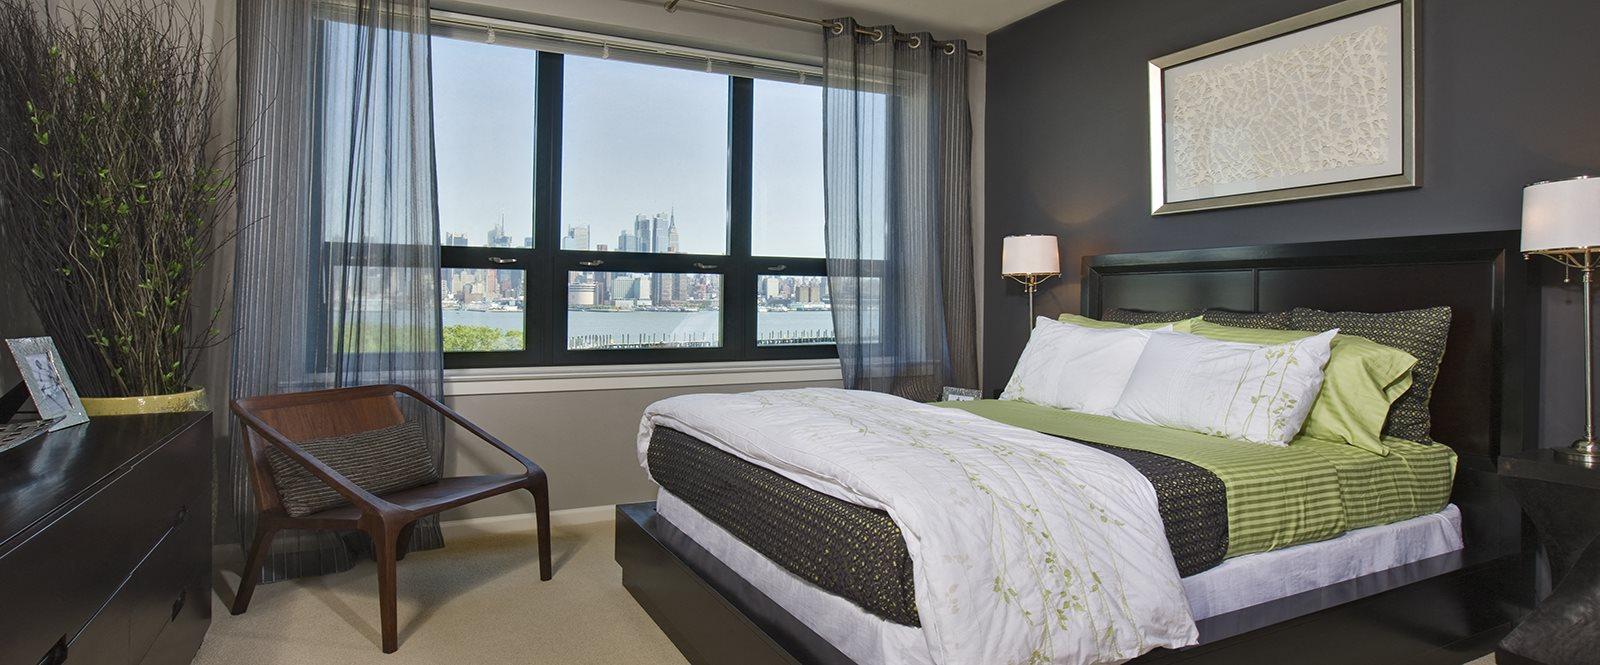 Apartments Port Imperial Nj